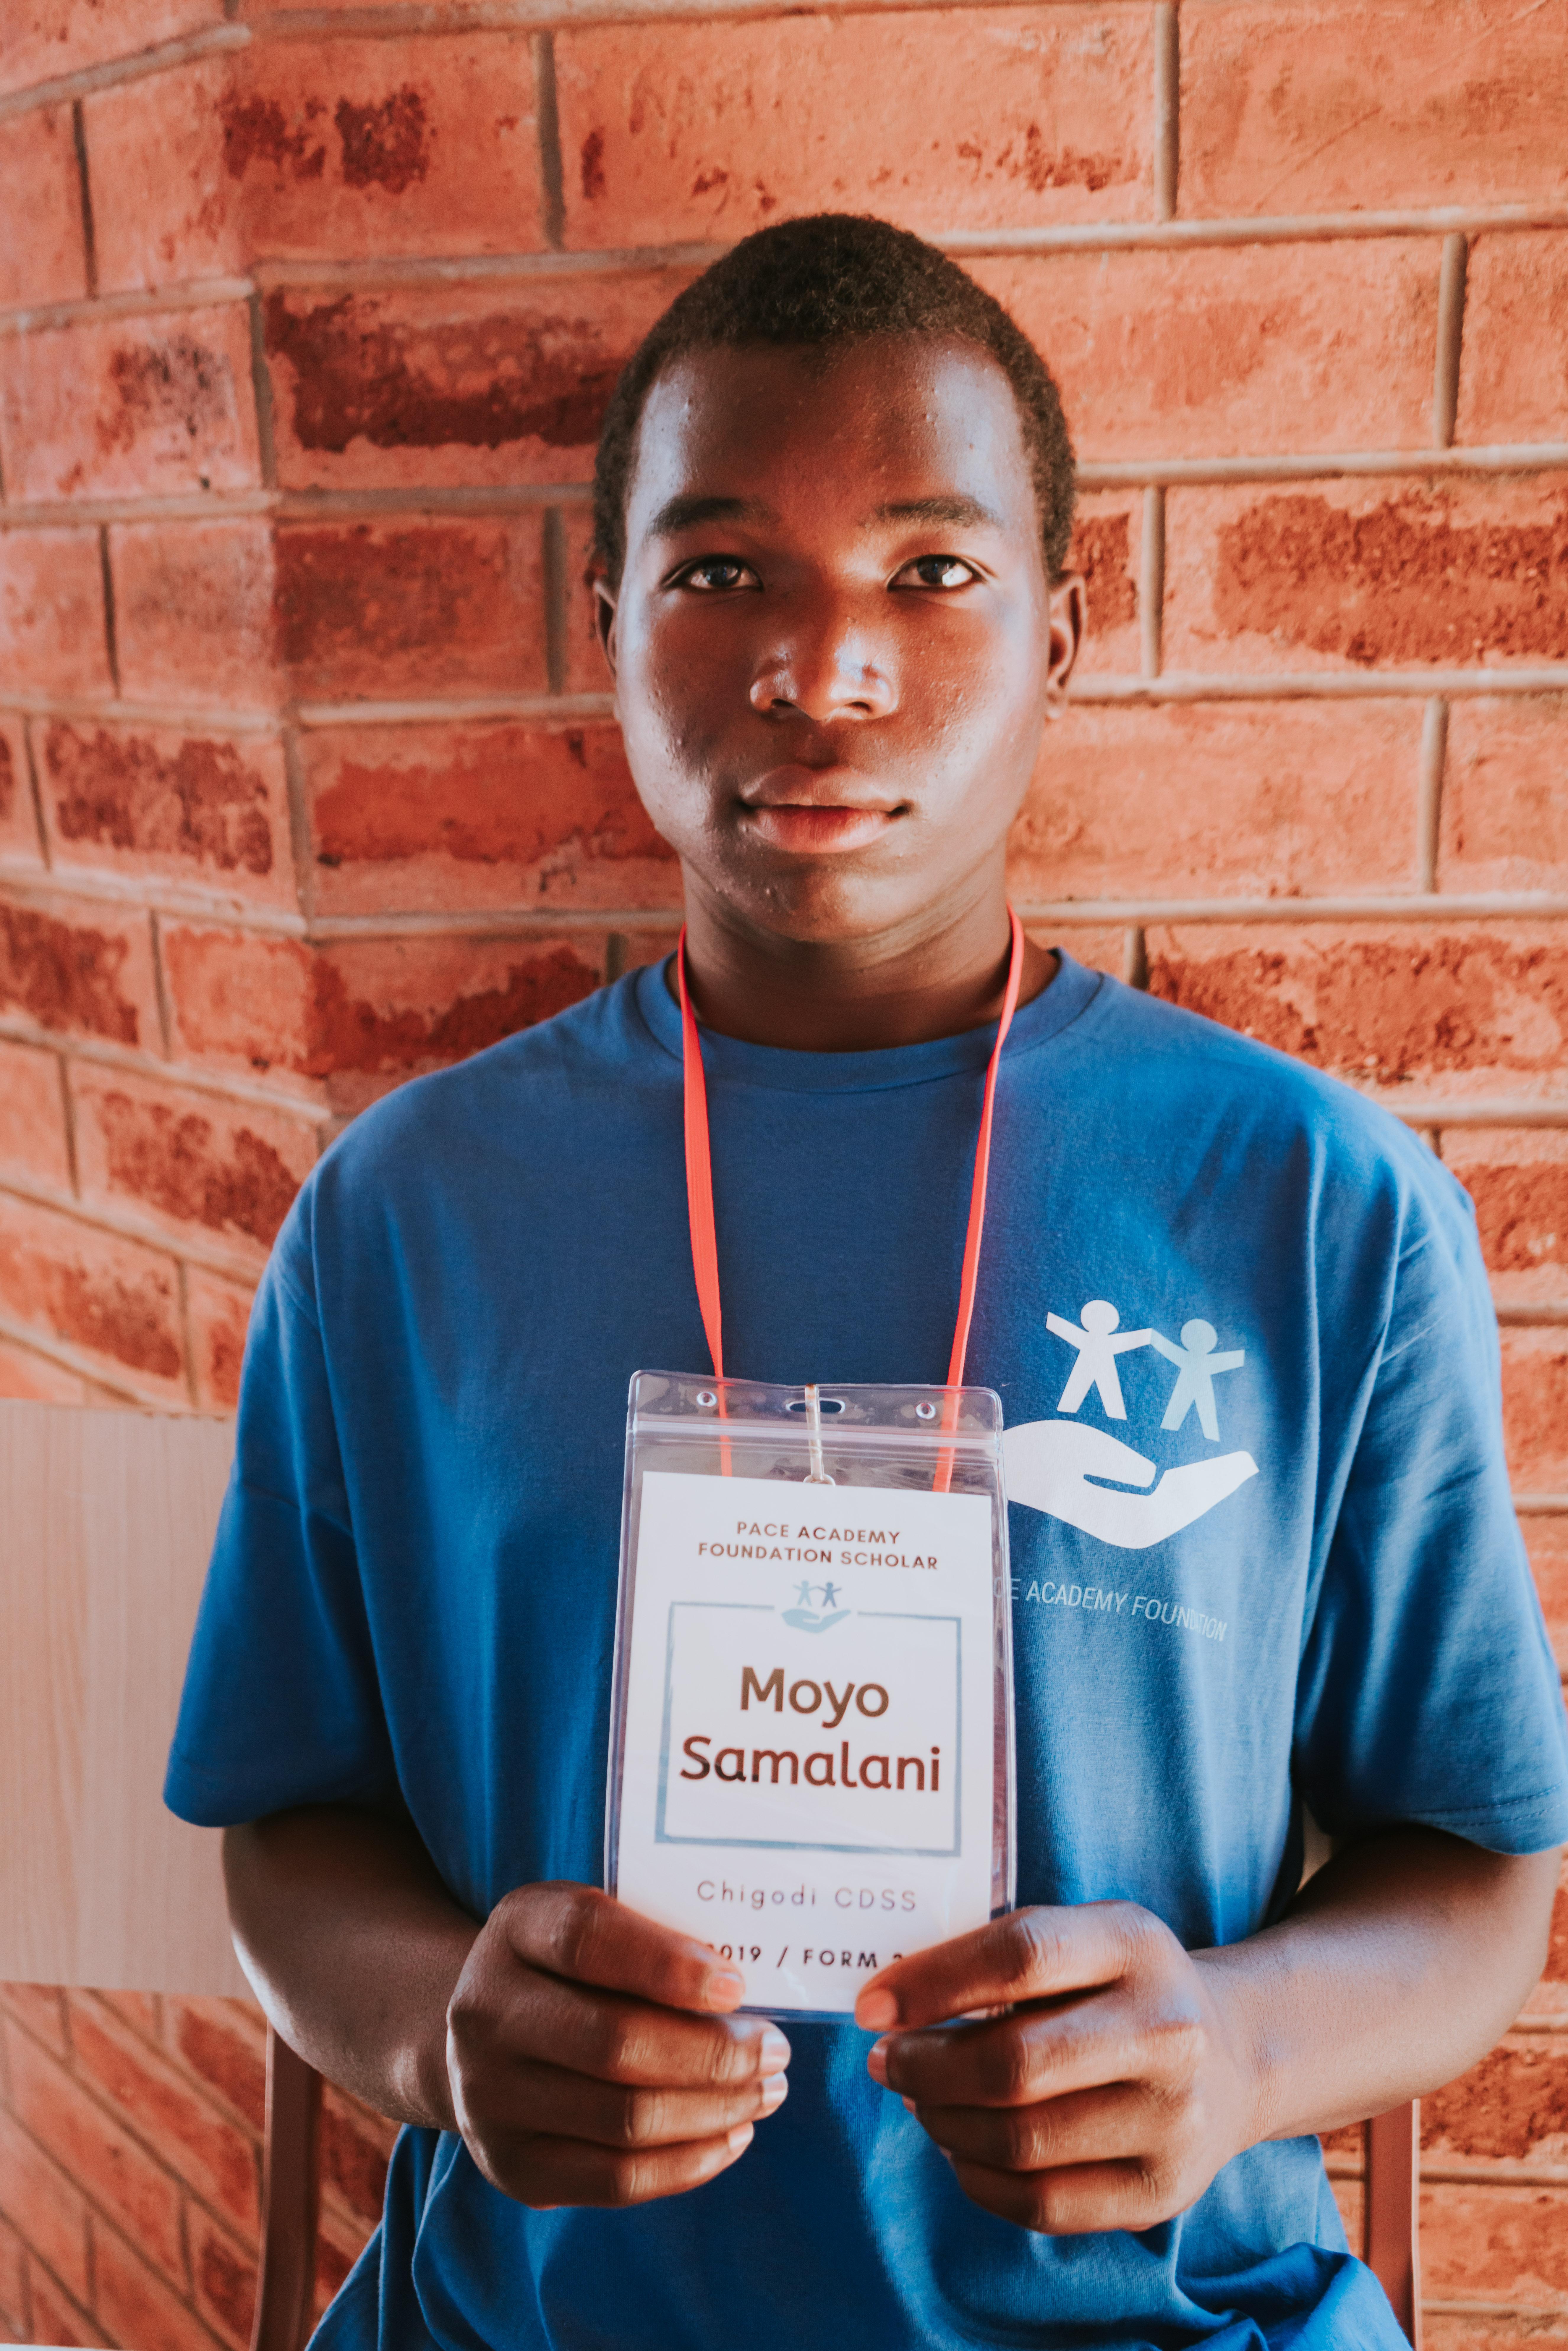 Moyo Samalani (Chigodi CDSS)